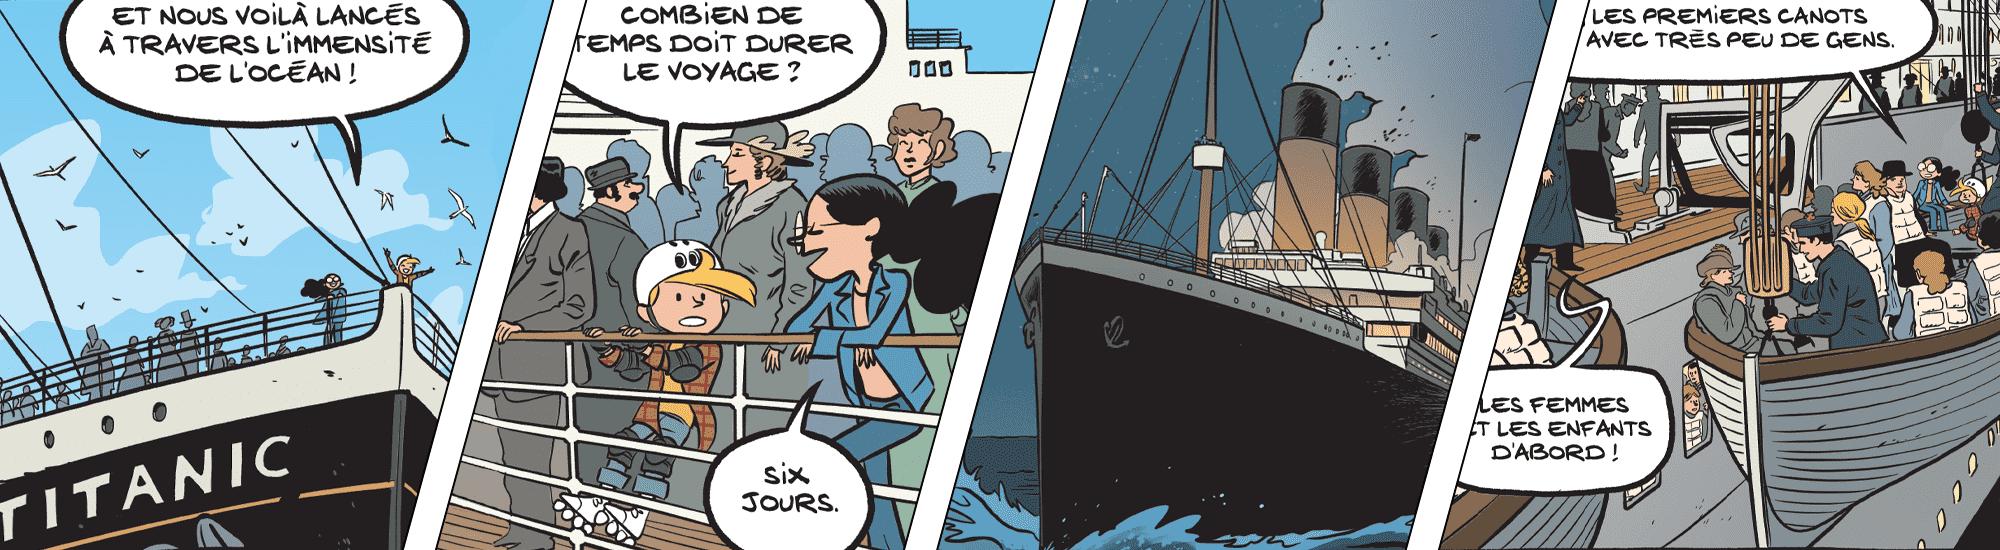 Image Embarquez sur le Titanic en première classe ! class=